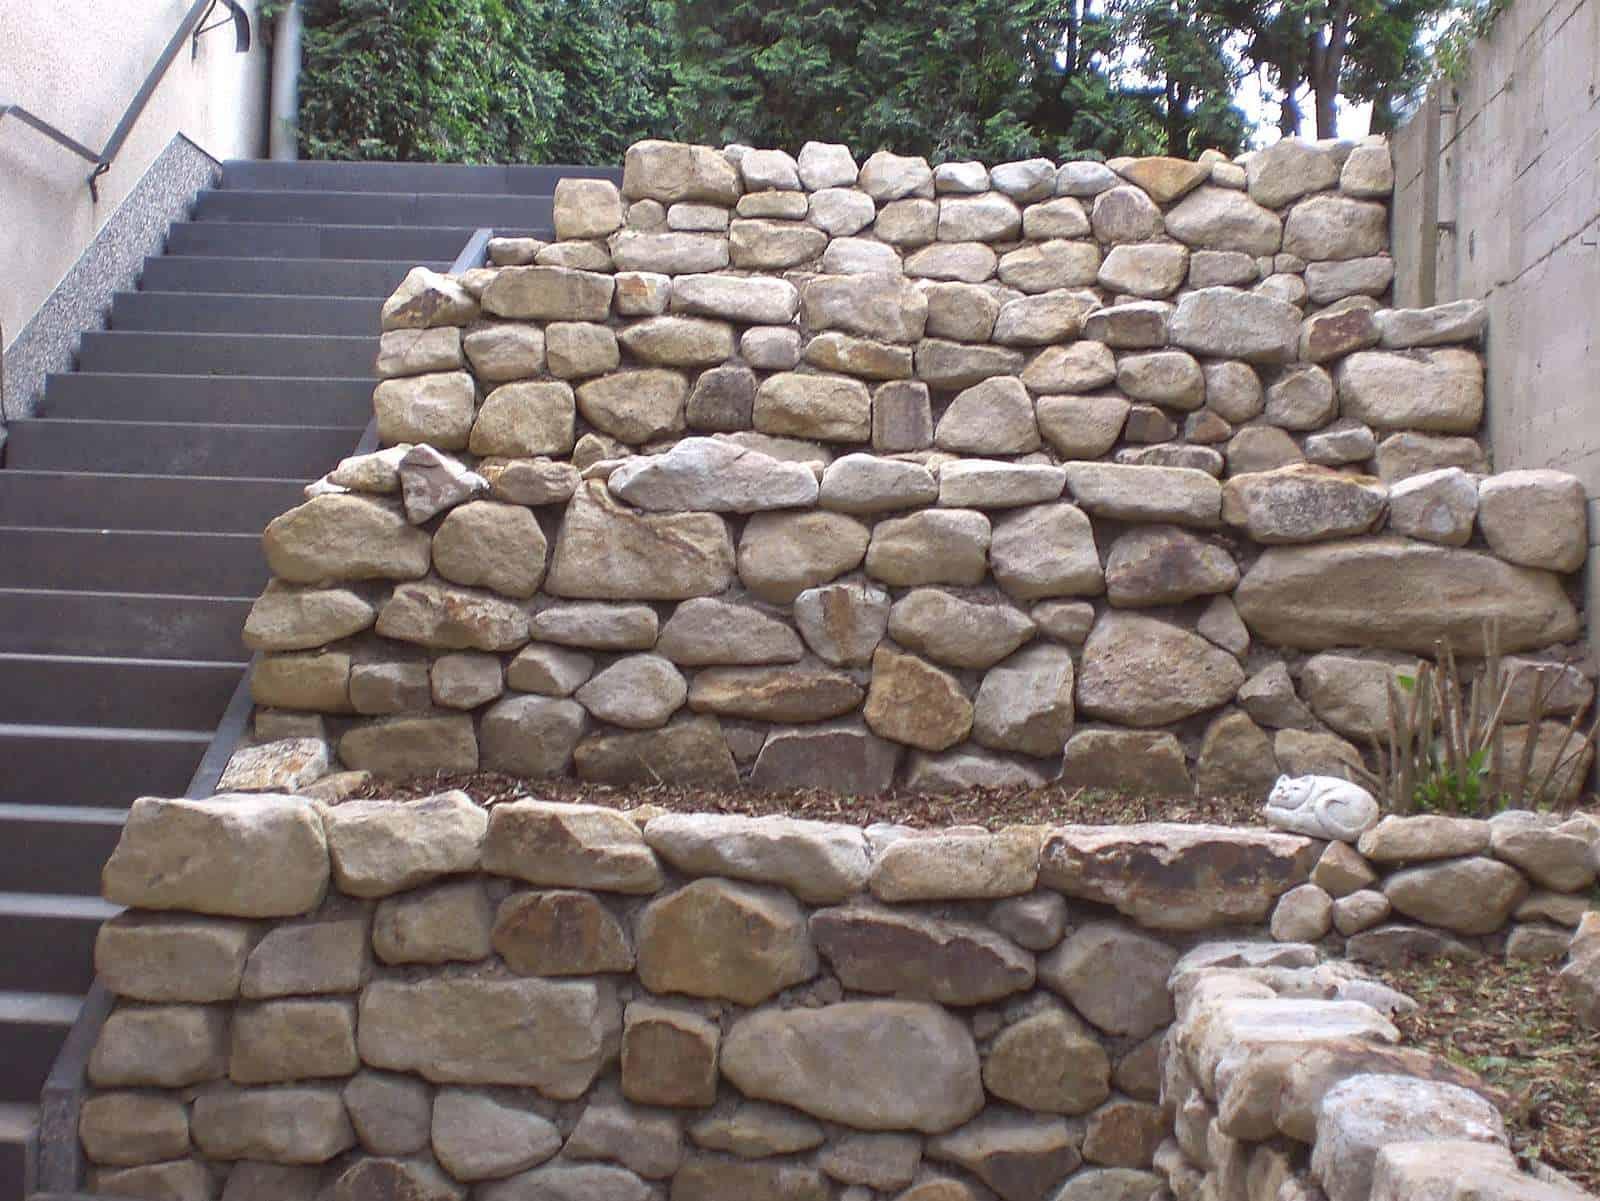 Maueranlage aus Ibbenbürener Sandstein. Der Beweis dafür, dass man aus einfachen Bruchsteinen super Trockenmauern bauen kann!